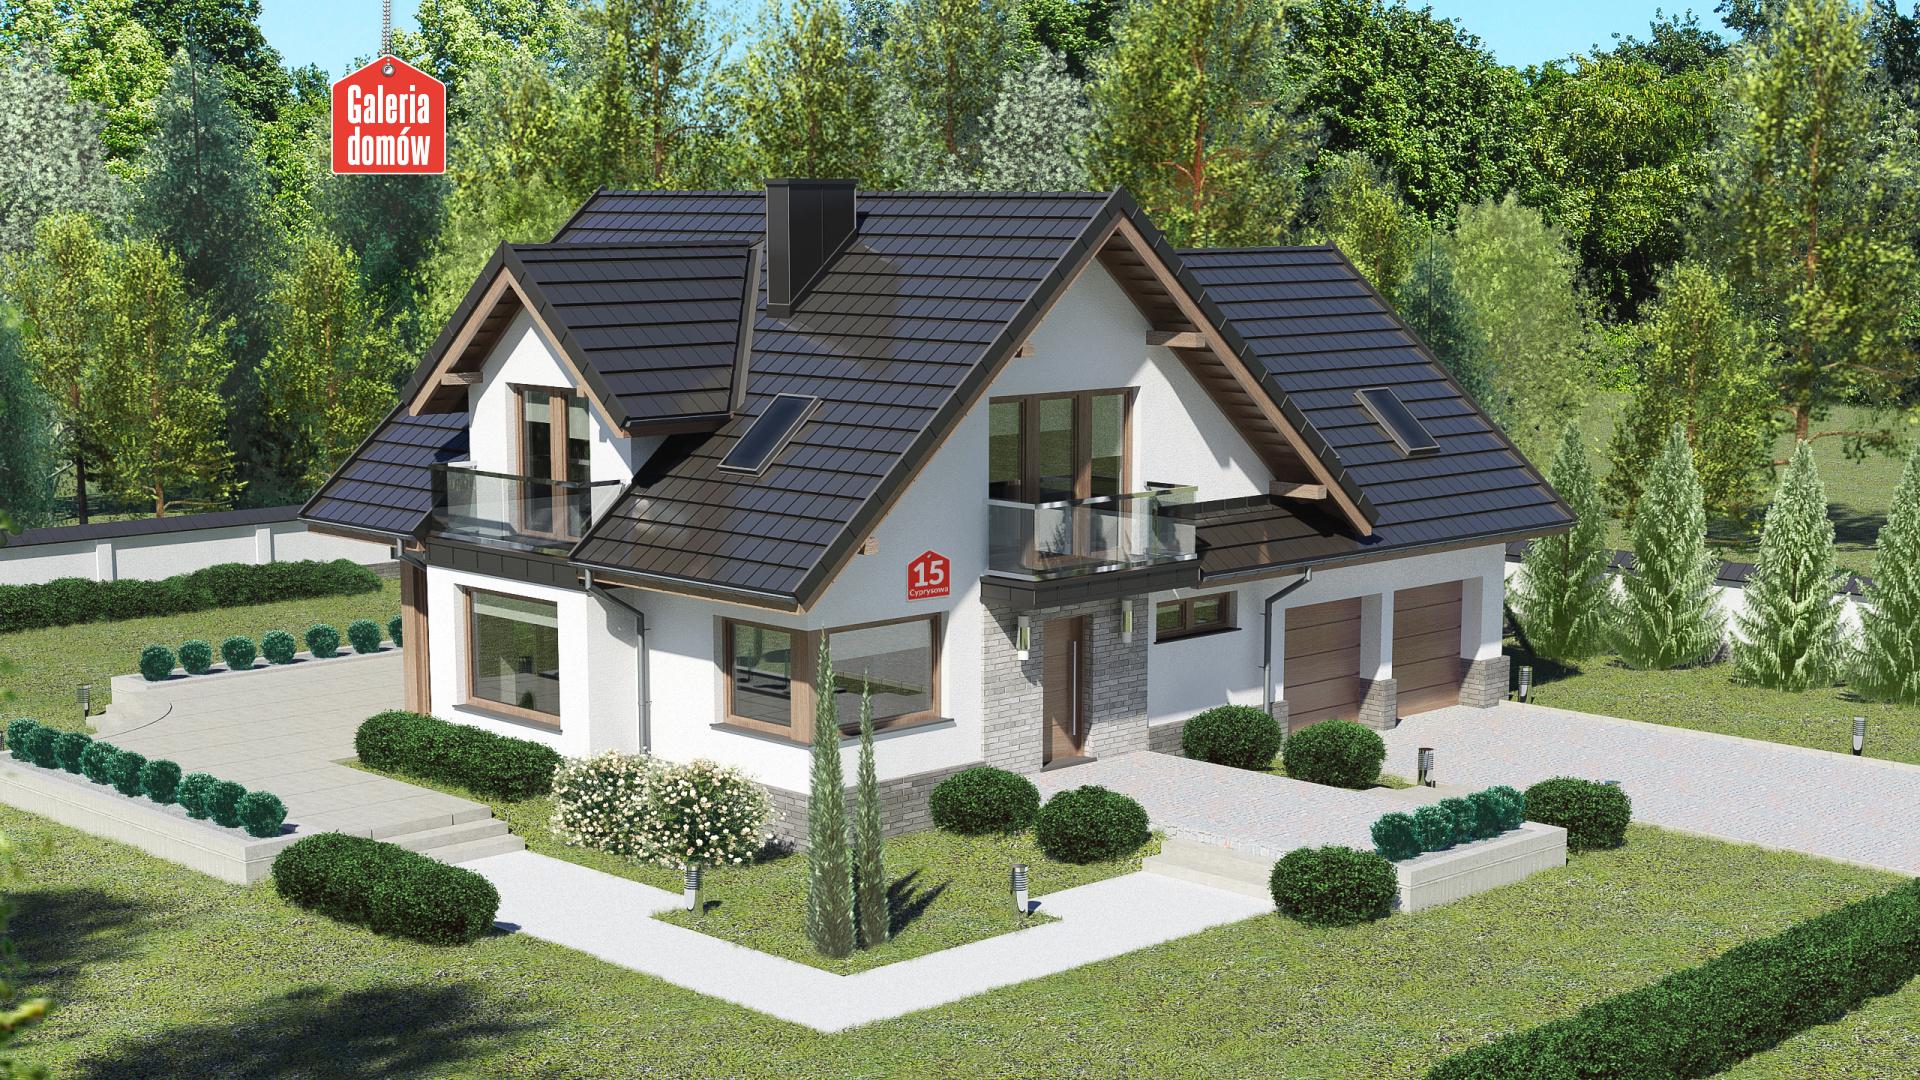 Dom przy Cyprysowej 15 K6